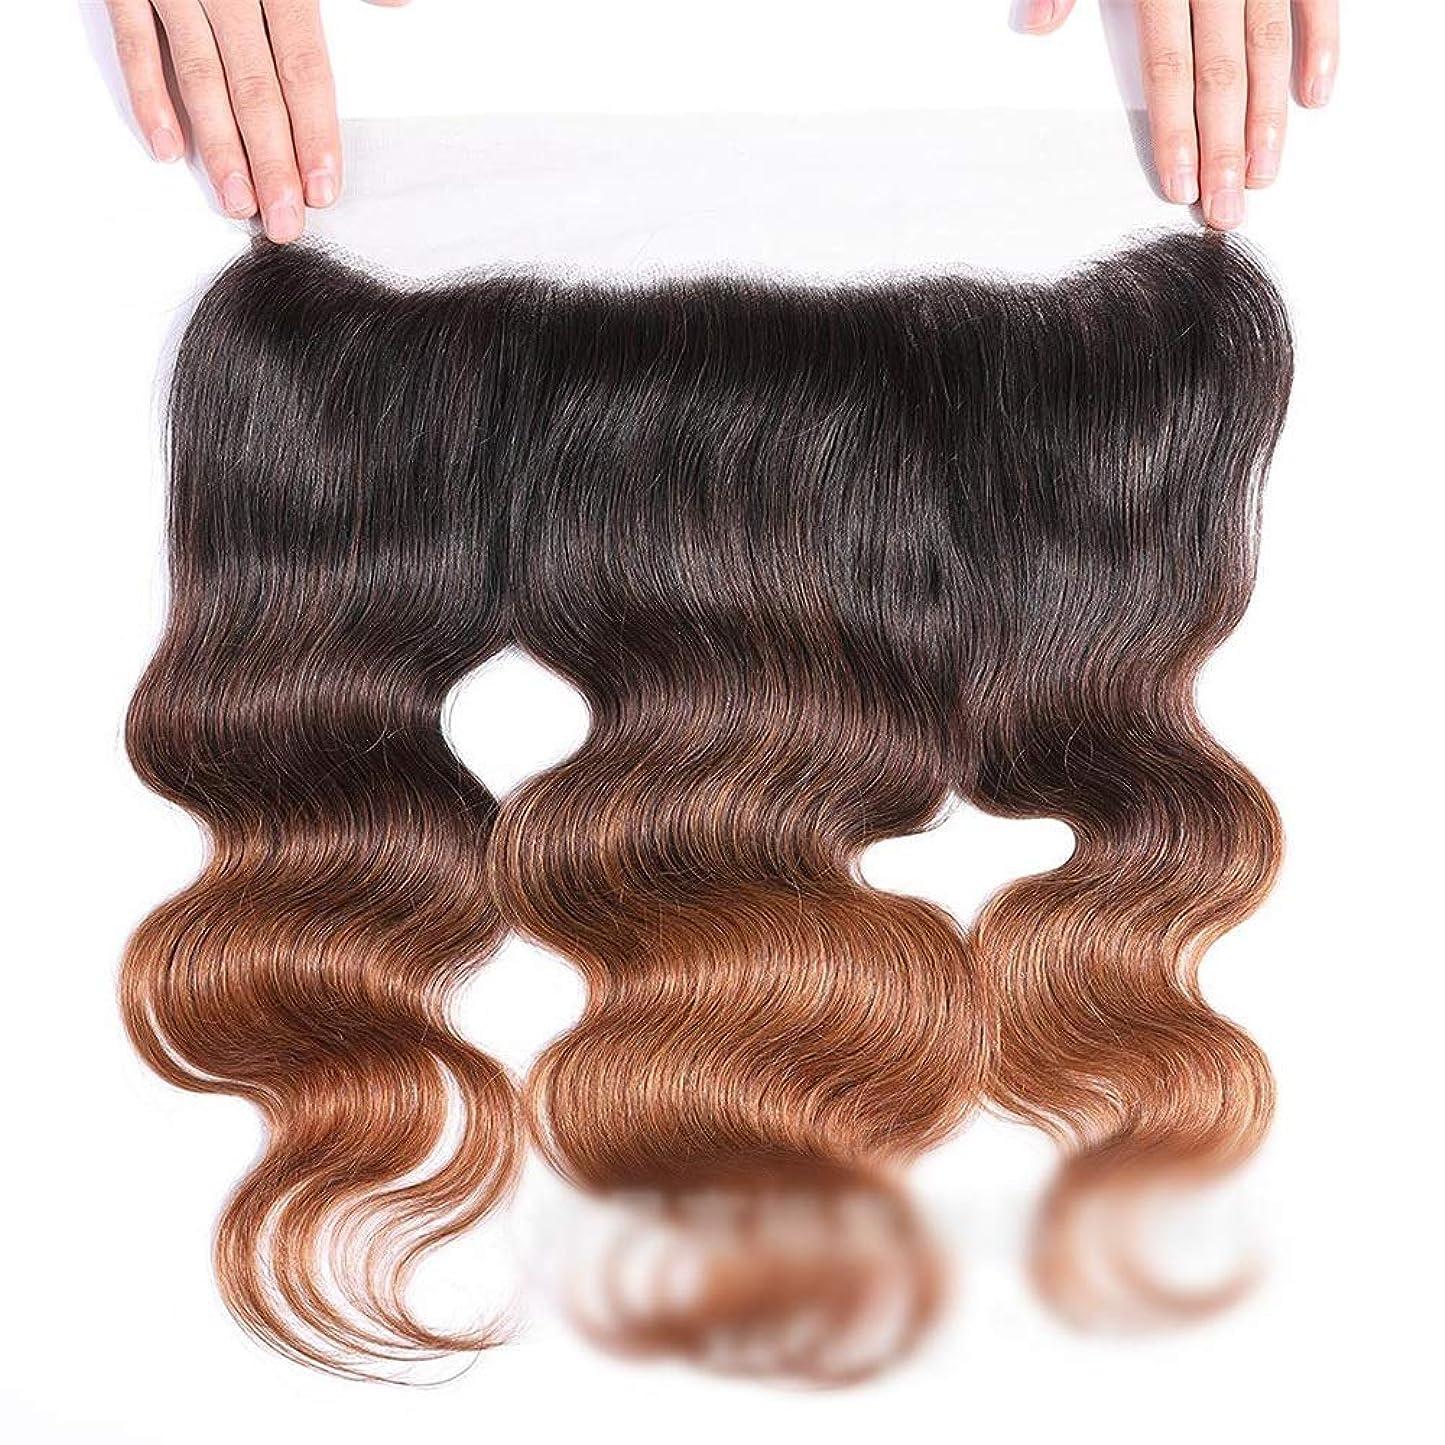 呼びかける法律により偏見BOBIDYEE 13x4レースの閉鎖ブラジルの実体波人間の髪の毛の自由な部分ブラウンナチュラル探して茶色のかつら長い巻き毛のかつら、 (色 : ブラウン, サイズ : 14 inch)